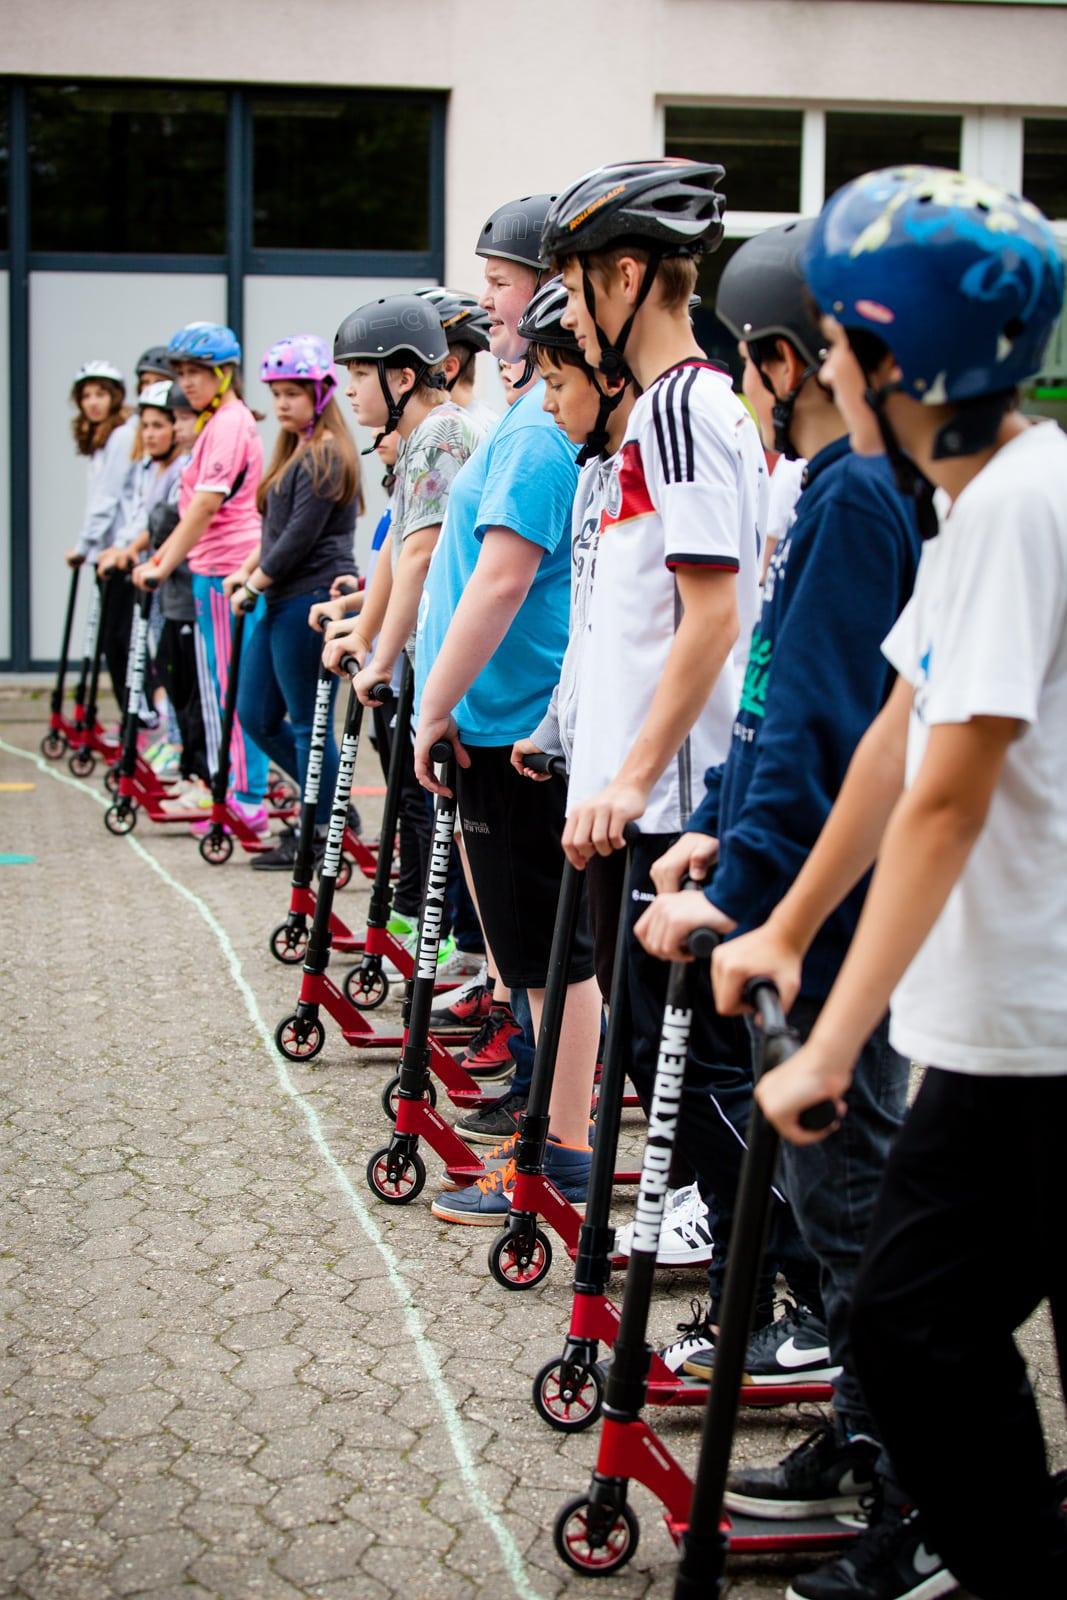 Kinder stehen mit ihren City Skate Wheel up Scootern an einer Startlinie